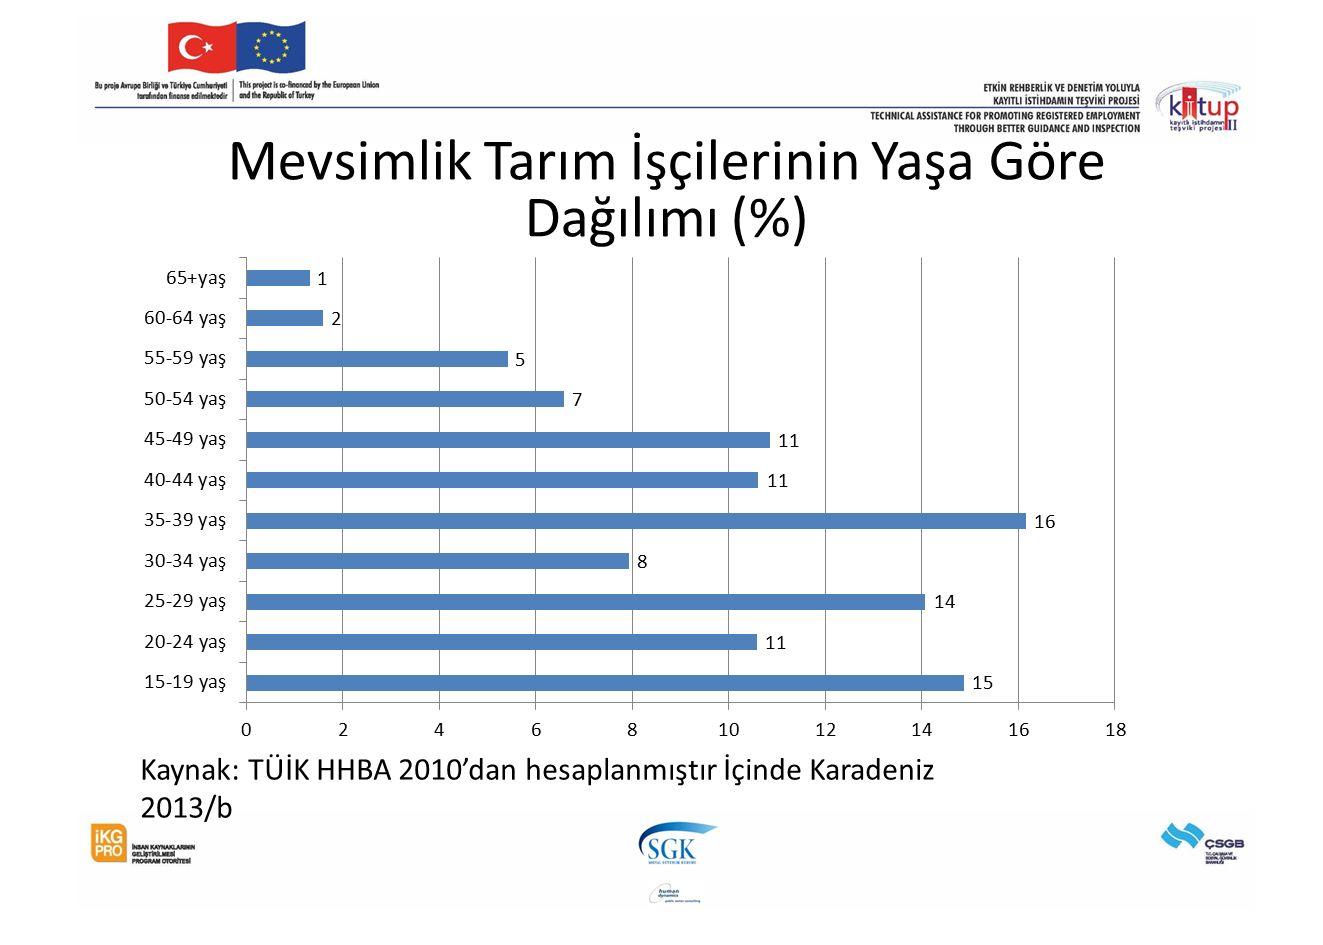 Mevsimlik Tarım İşçilerinin Yaşa Göre Dağılımı (%) Kaynak: TÜİK HHBA 2010'dan hesaplanmıştır İçinde Karadeniz 2013/b